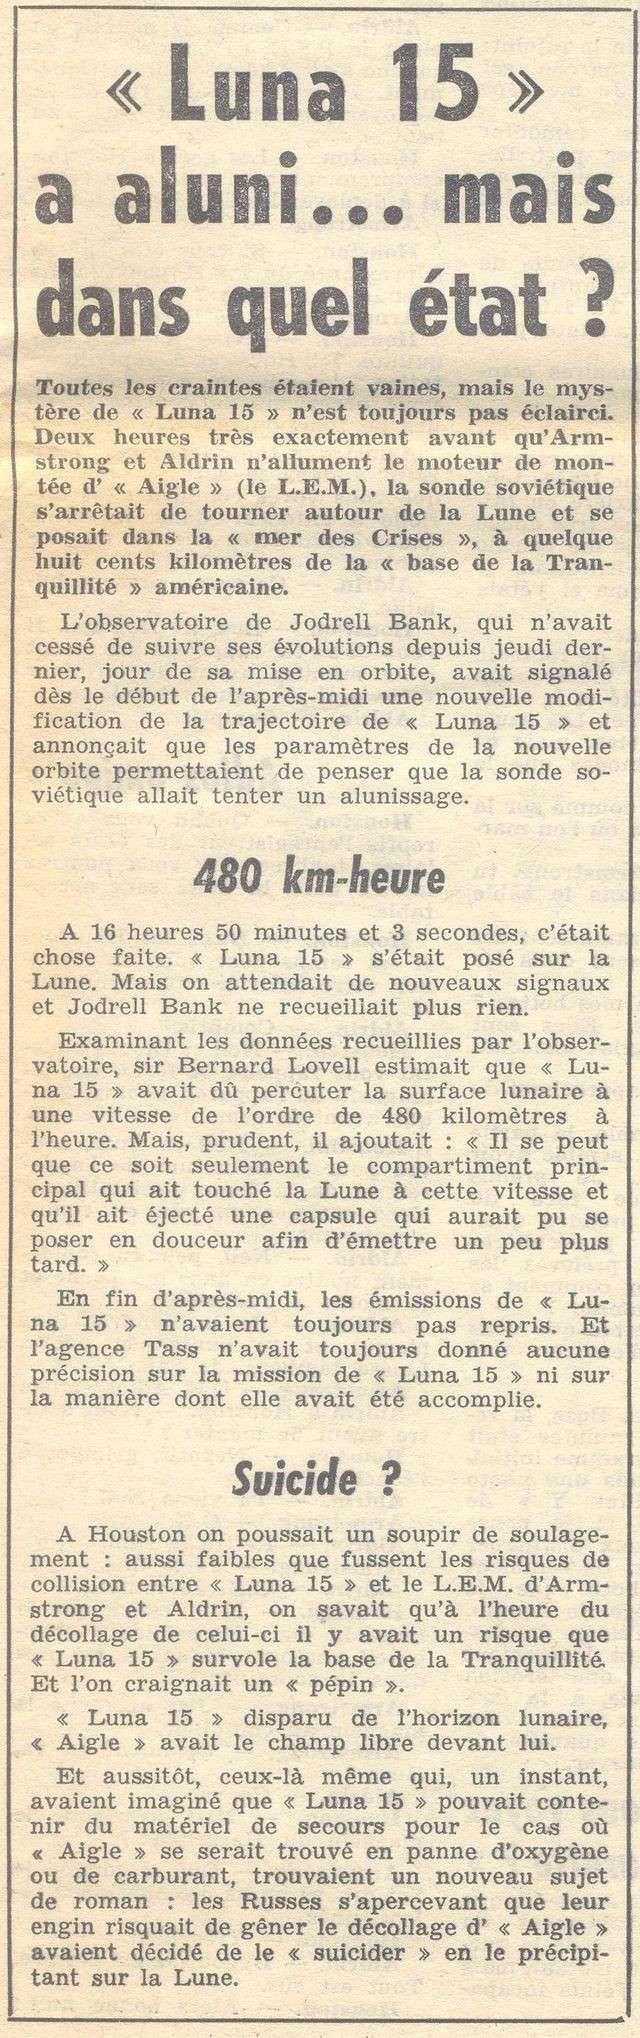 13 juillet 1969 - Luna 15, le joker soviétique 69072211